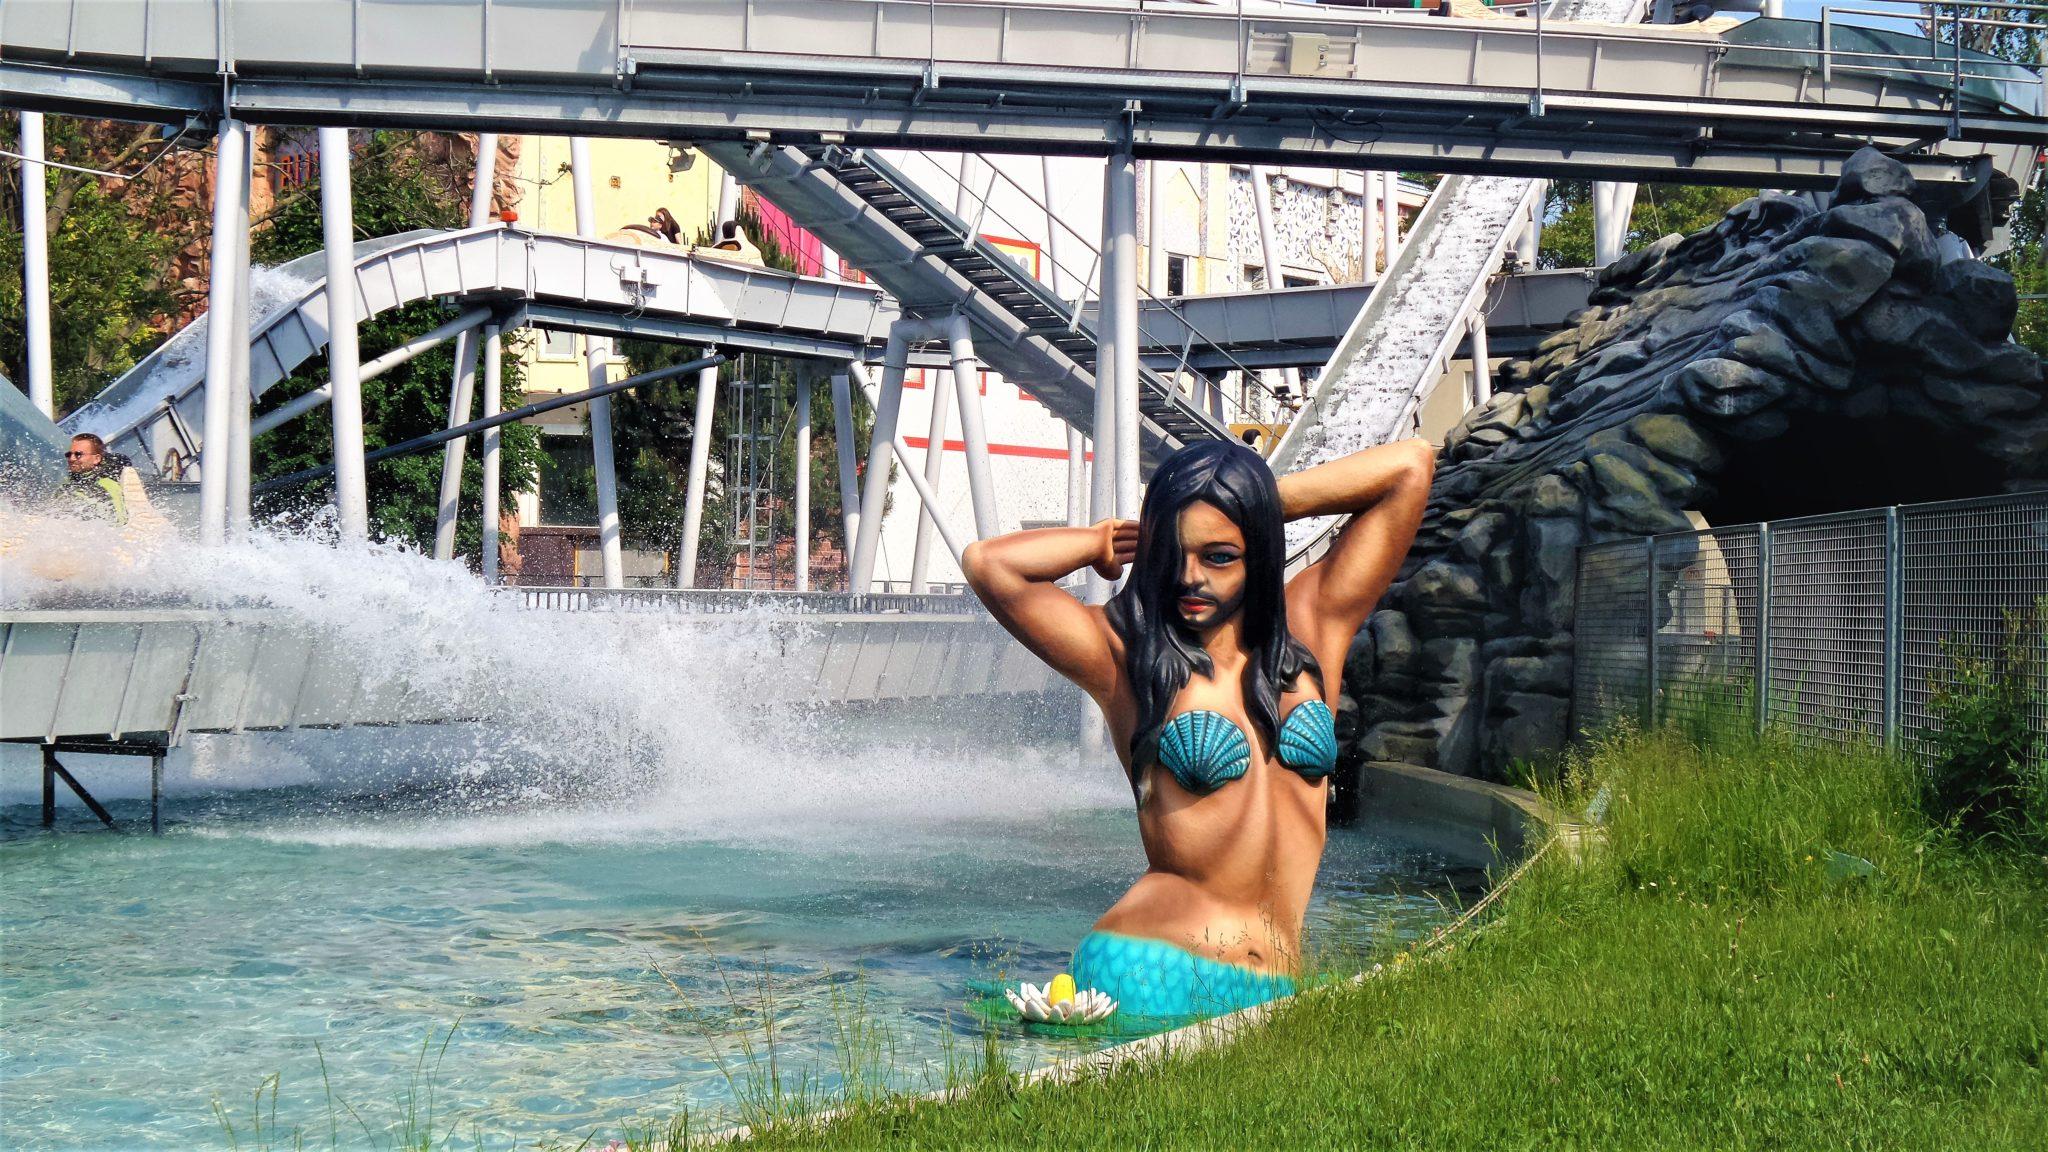 Conchita statue, Prater fairground, Vienna, Austria